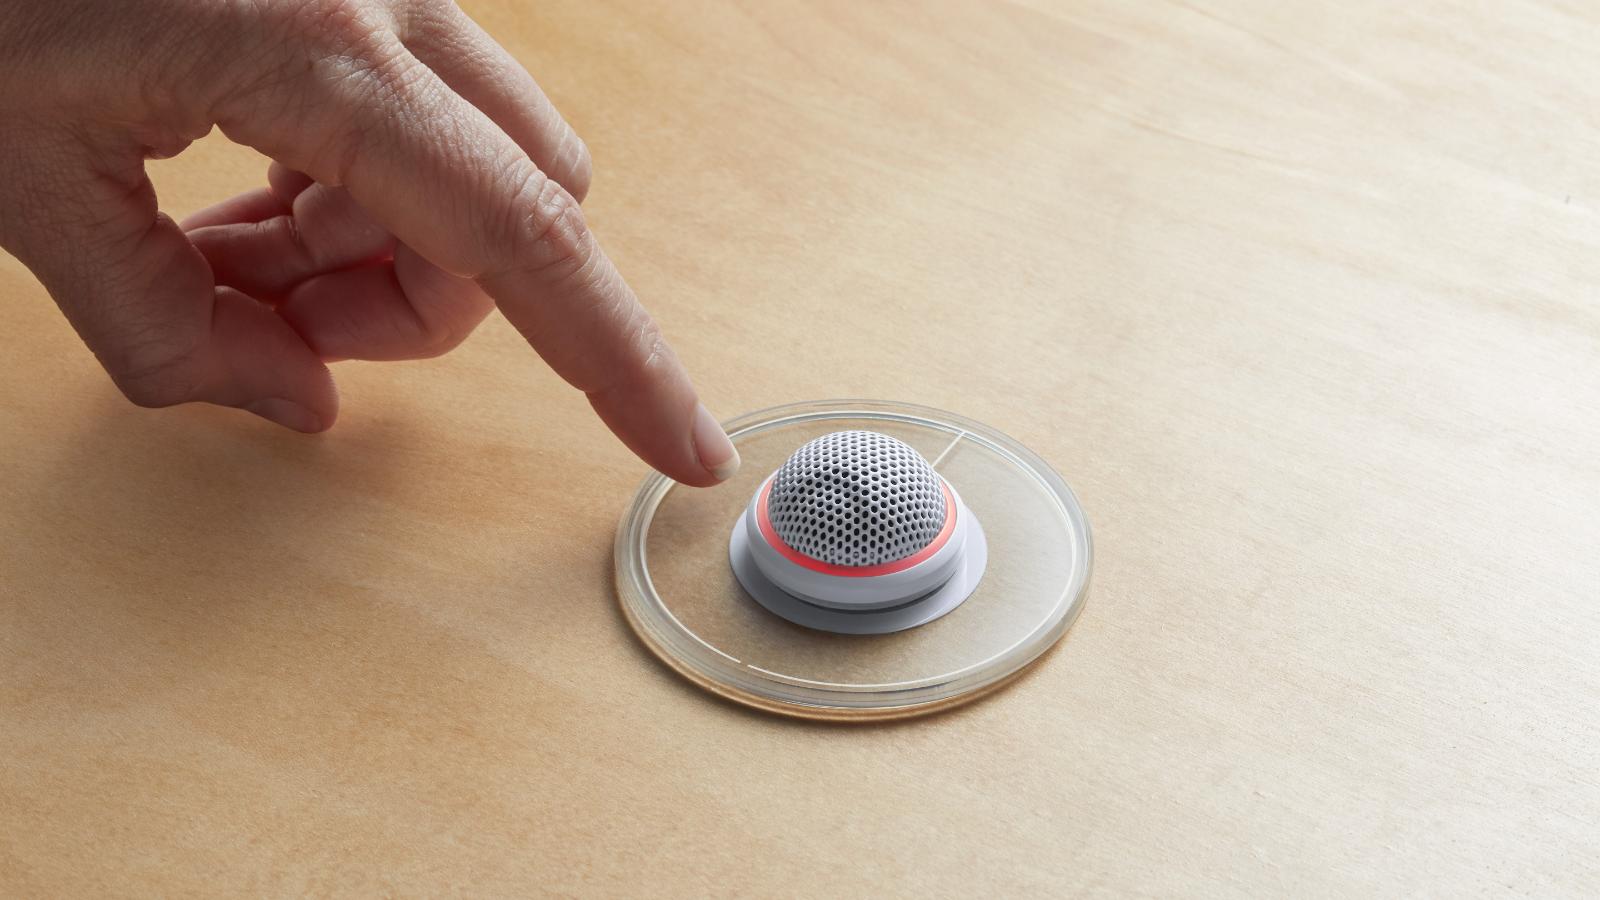 Cómo agregar la capacidad Touch Mute a los Micrófonos Microflex de Perfil Bajo